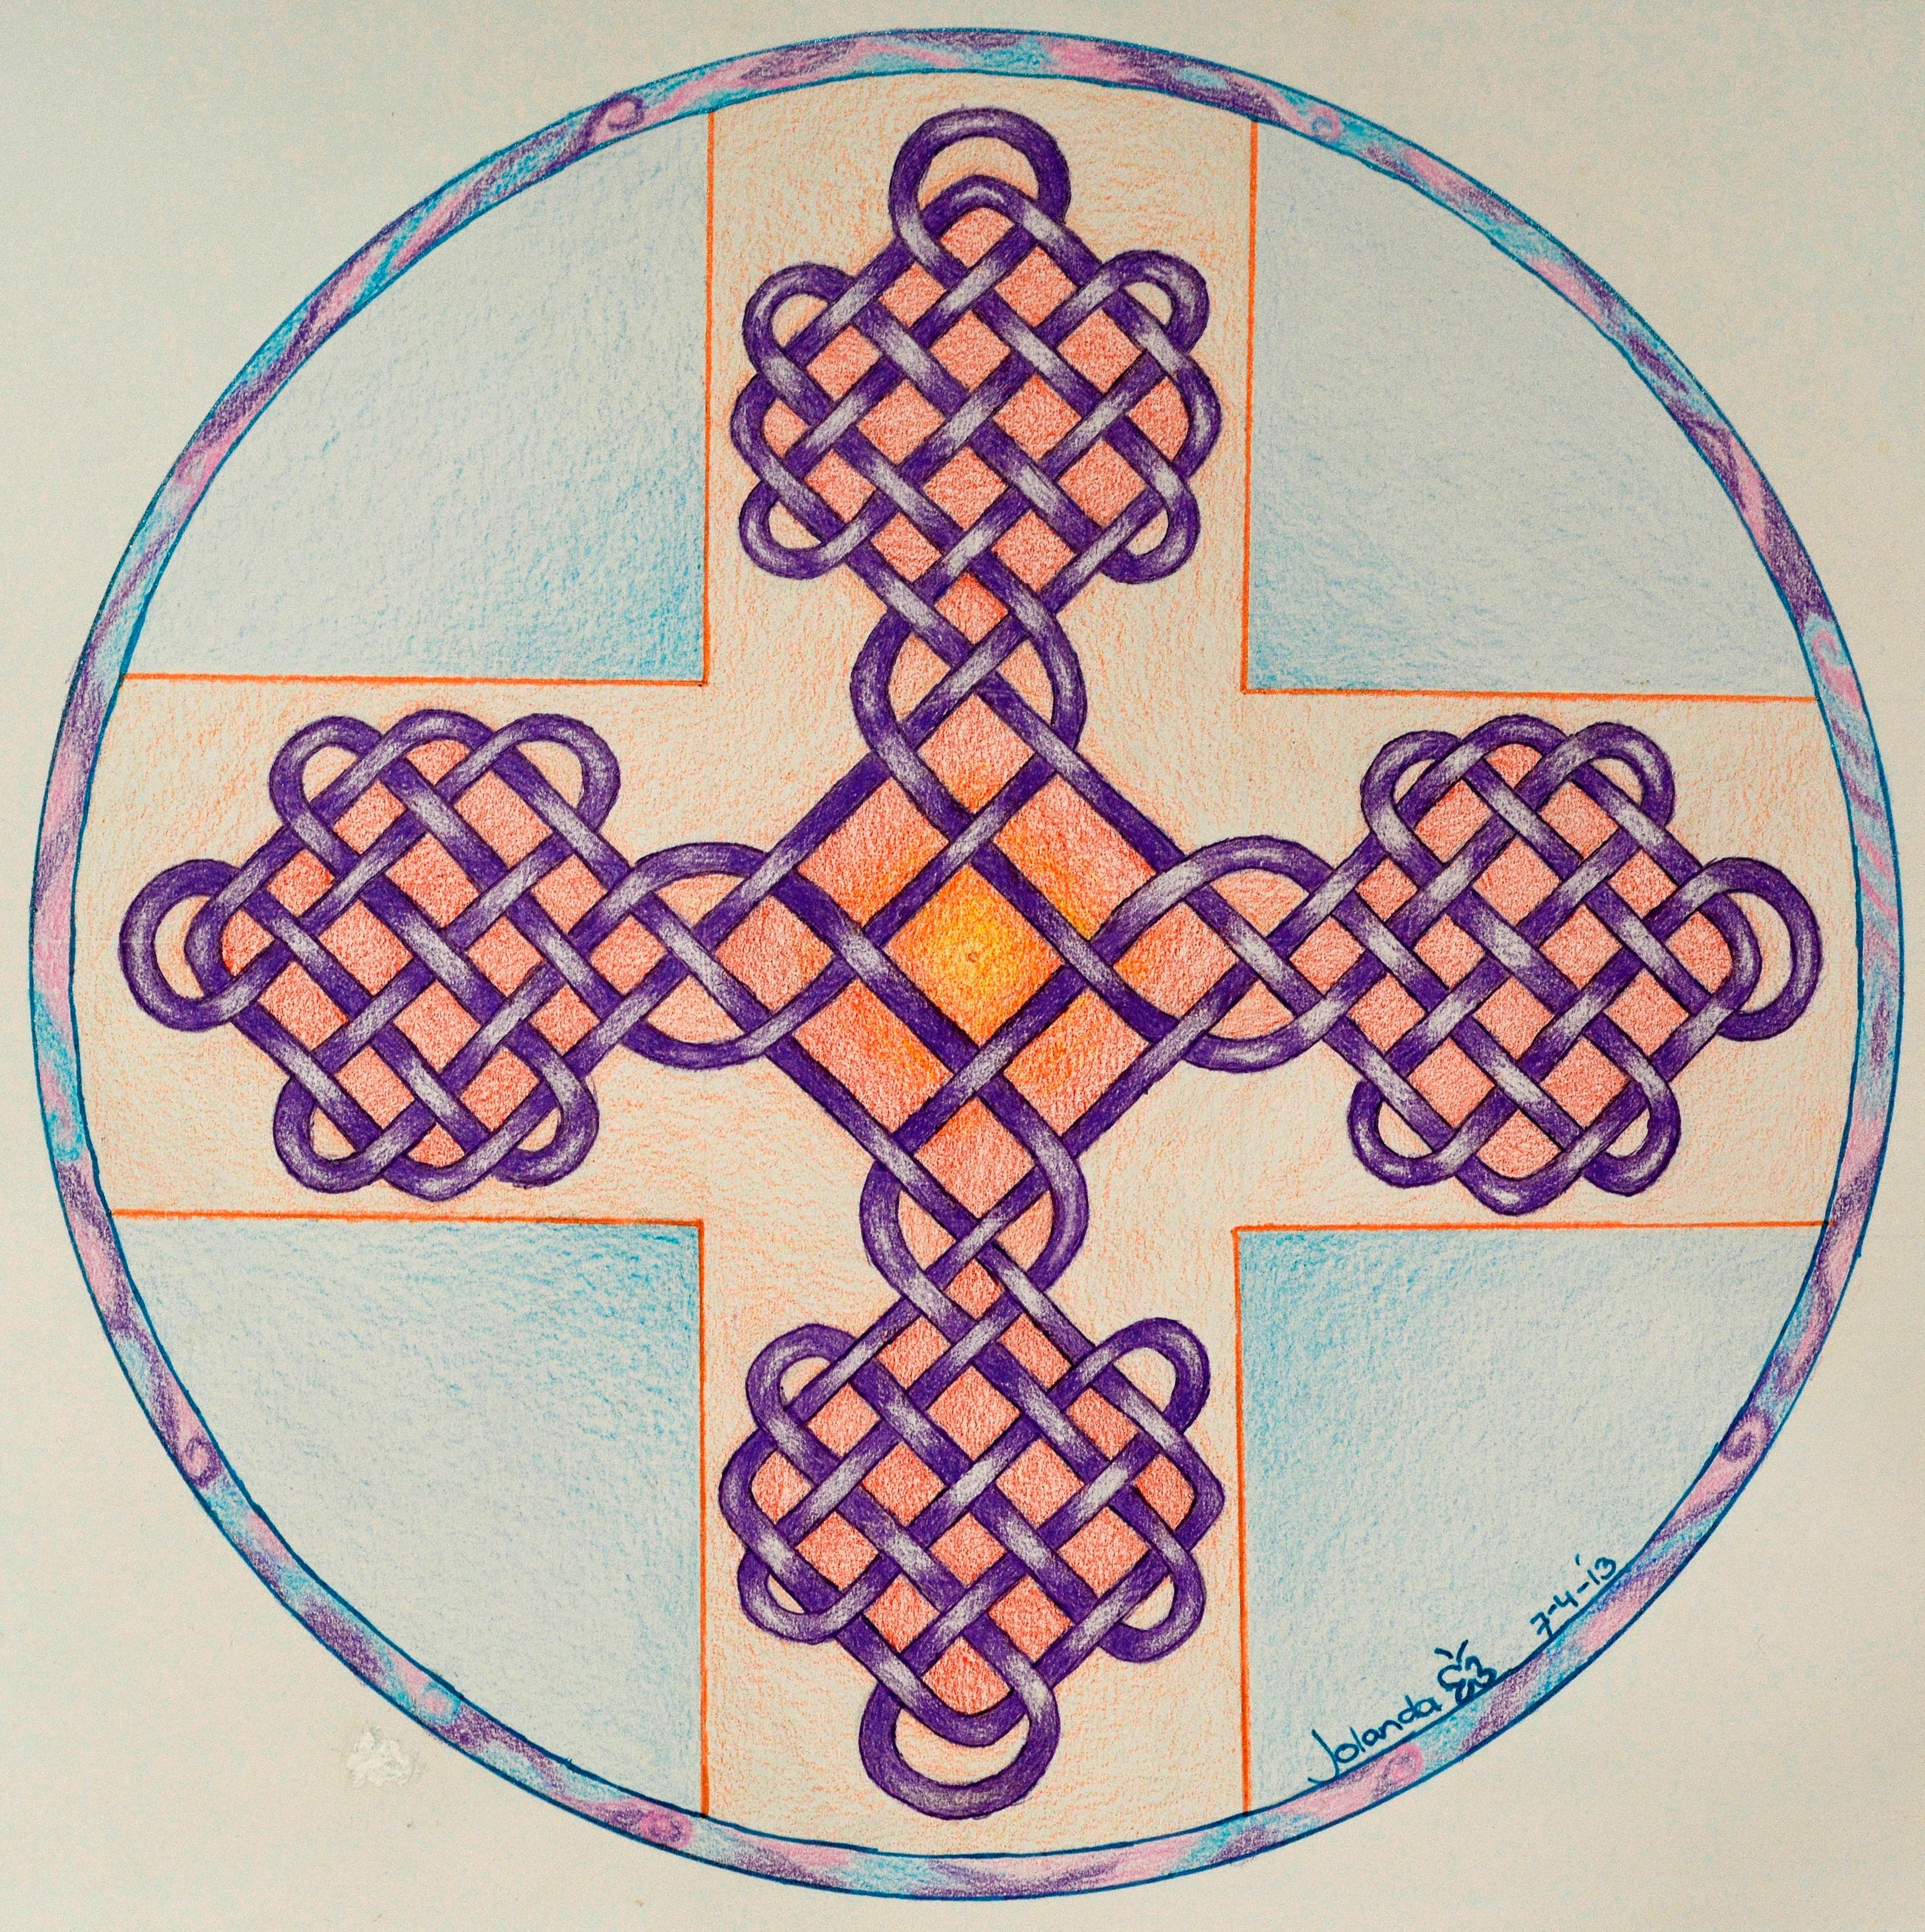 Keltisch Knoopwerk